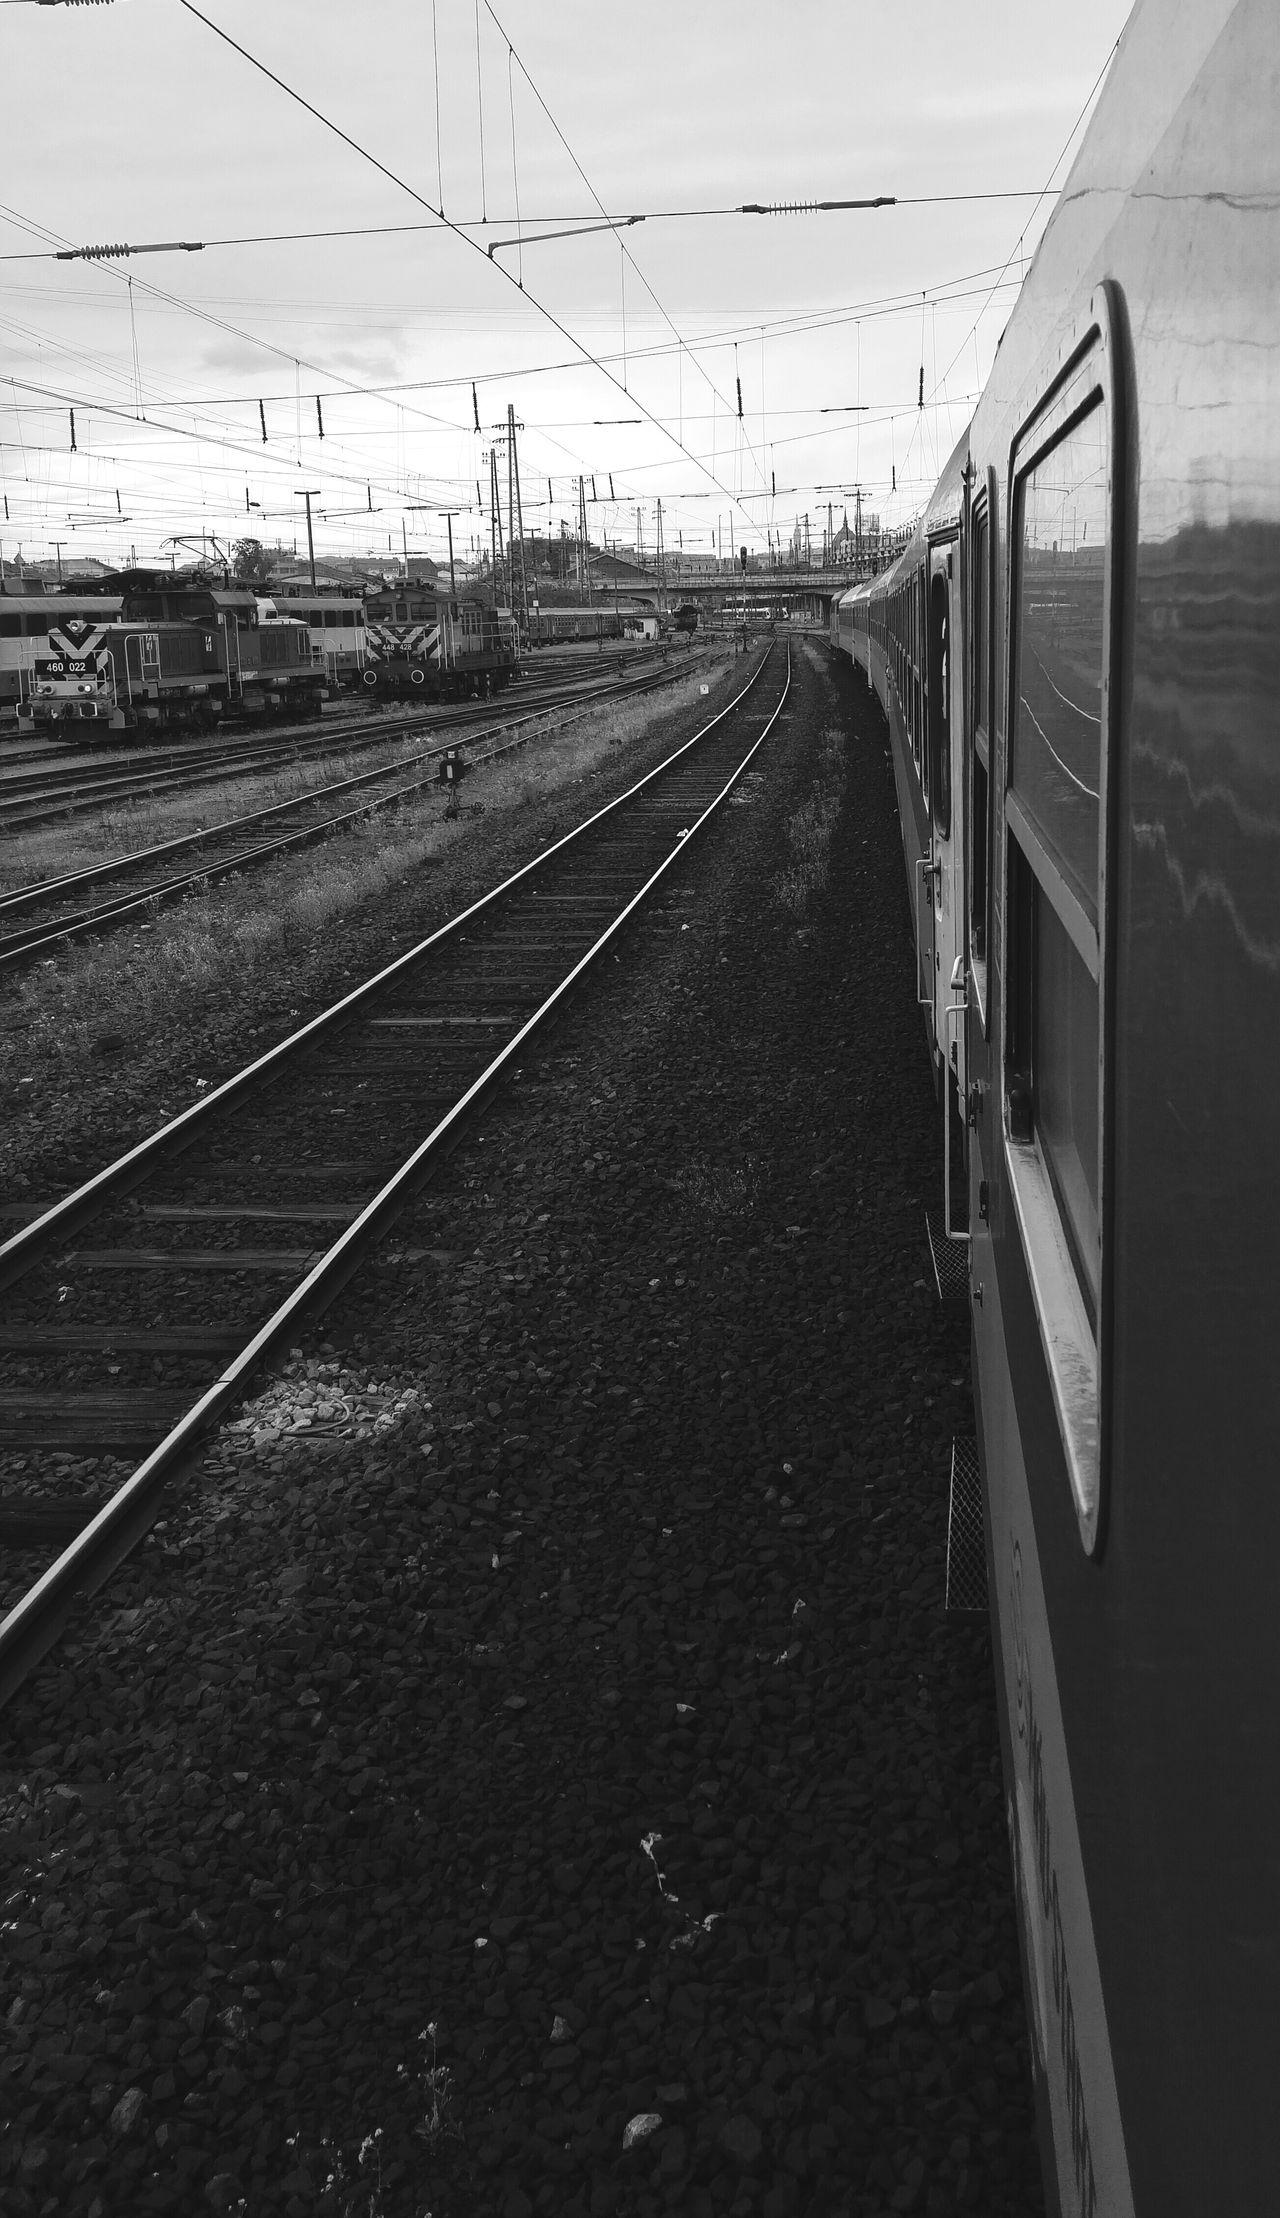 Railwaystation Nyugati Railway Train Blackandwhite Black & White B&w Black&white Blackandwhite Photography